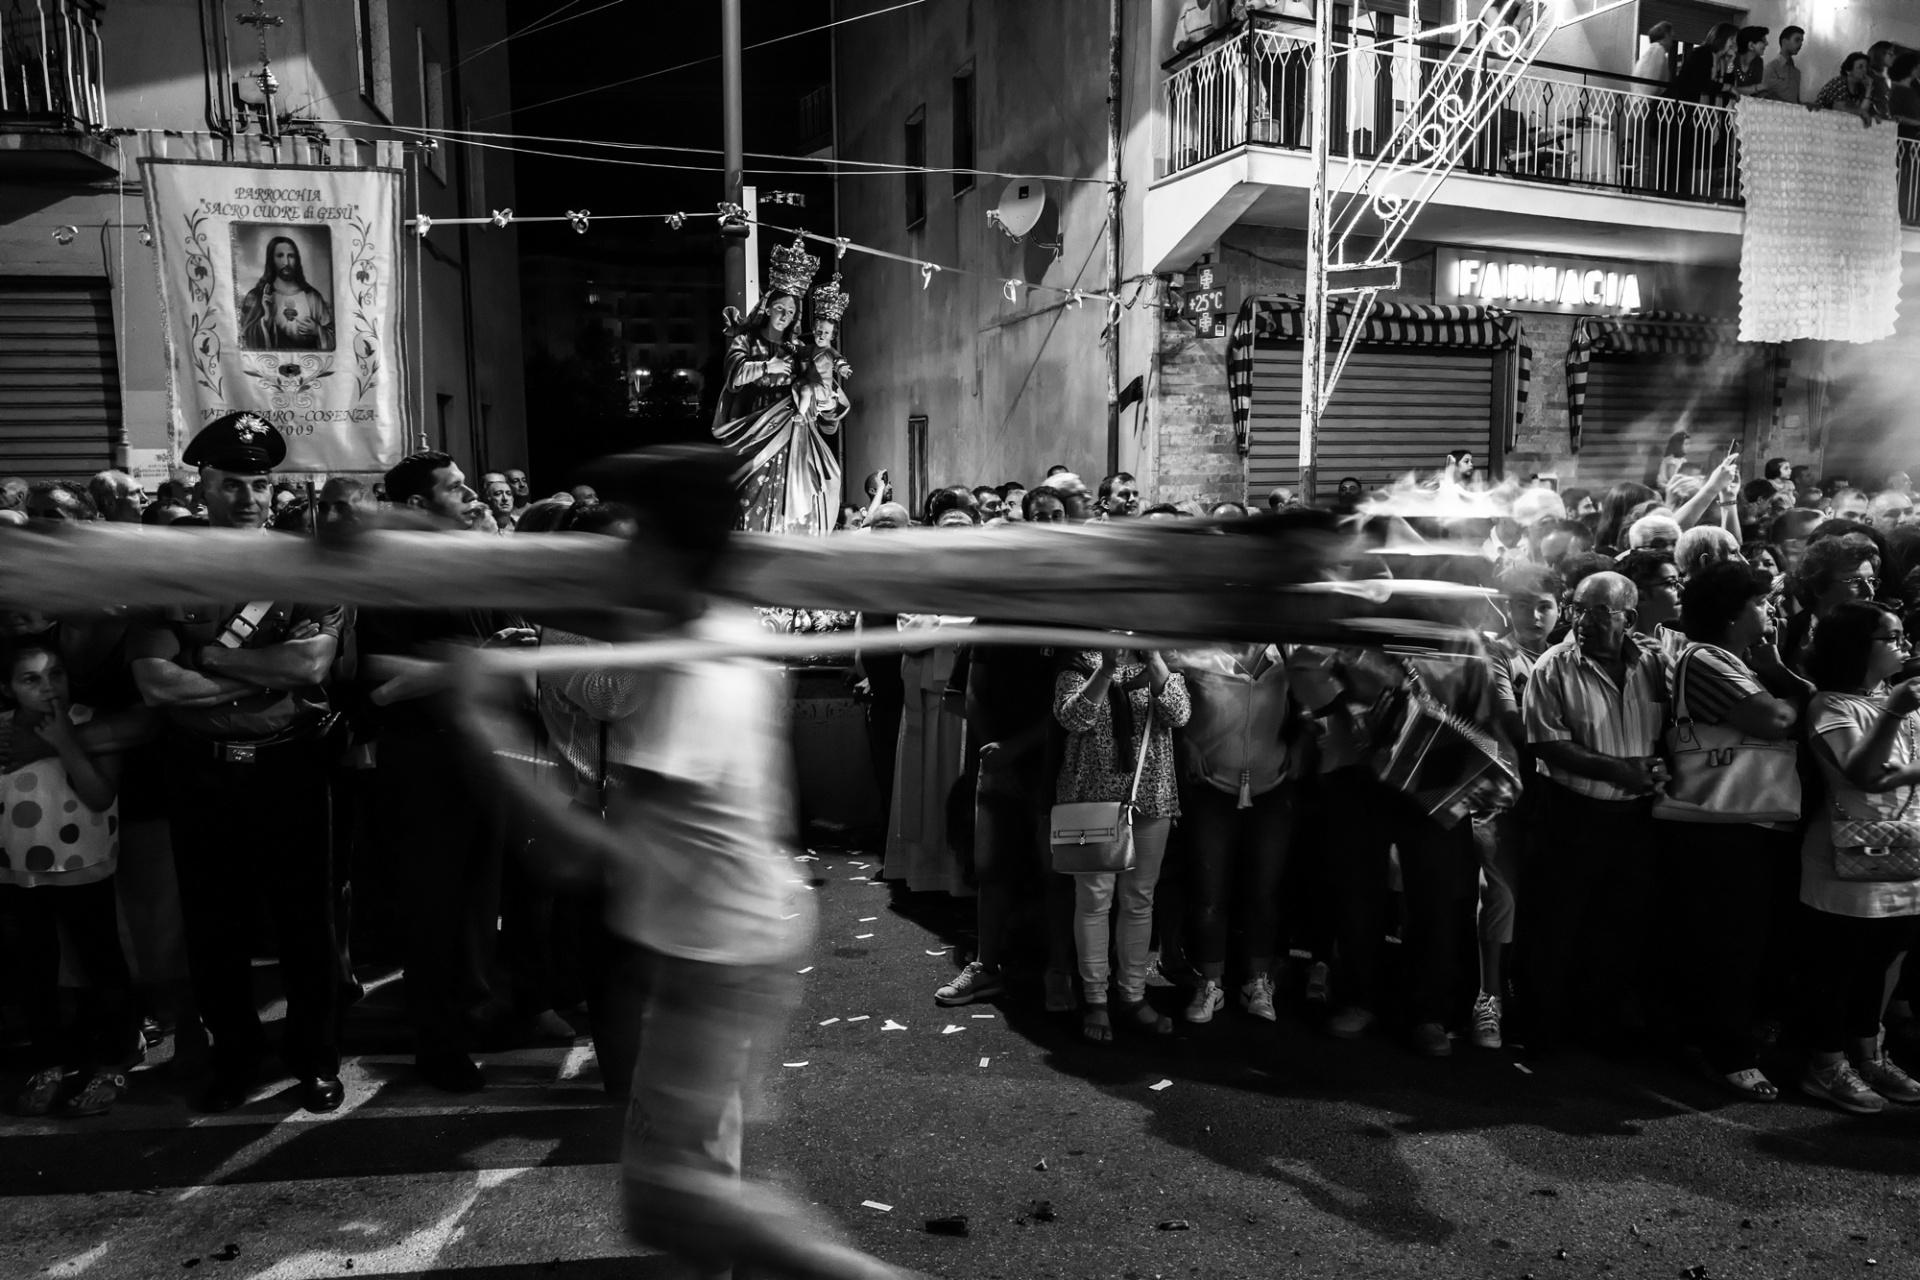 I zigni di Verbicaro, Il rito arboreo dei Zigni è un' antica tradizione verbicarese che si rinnova ogni anno nella notte tra il 1° e il 2 luglio in concomitanza con la festa patronale in onore della Madonna